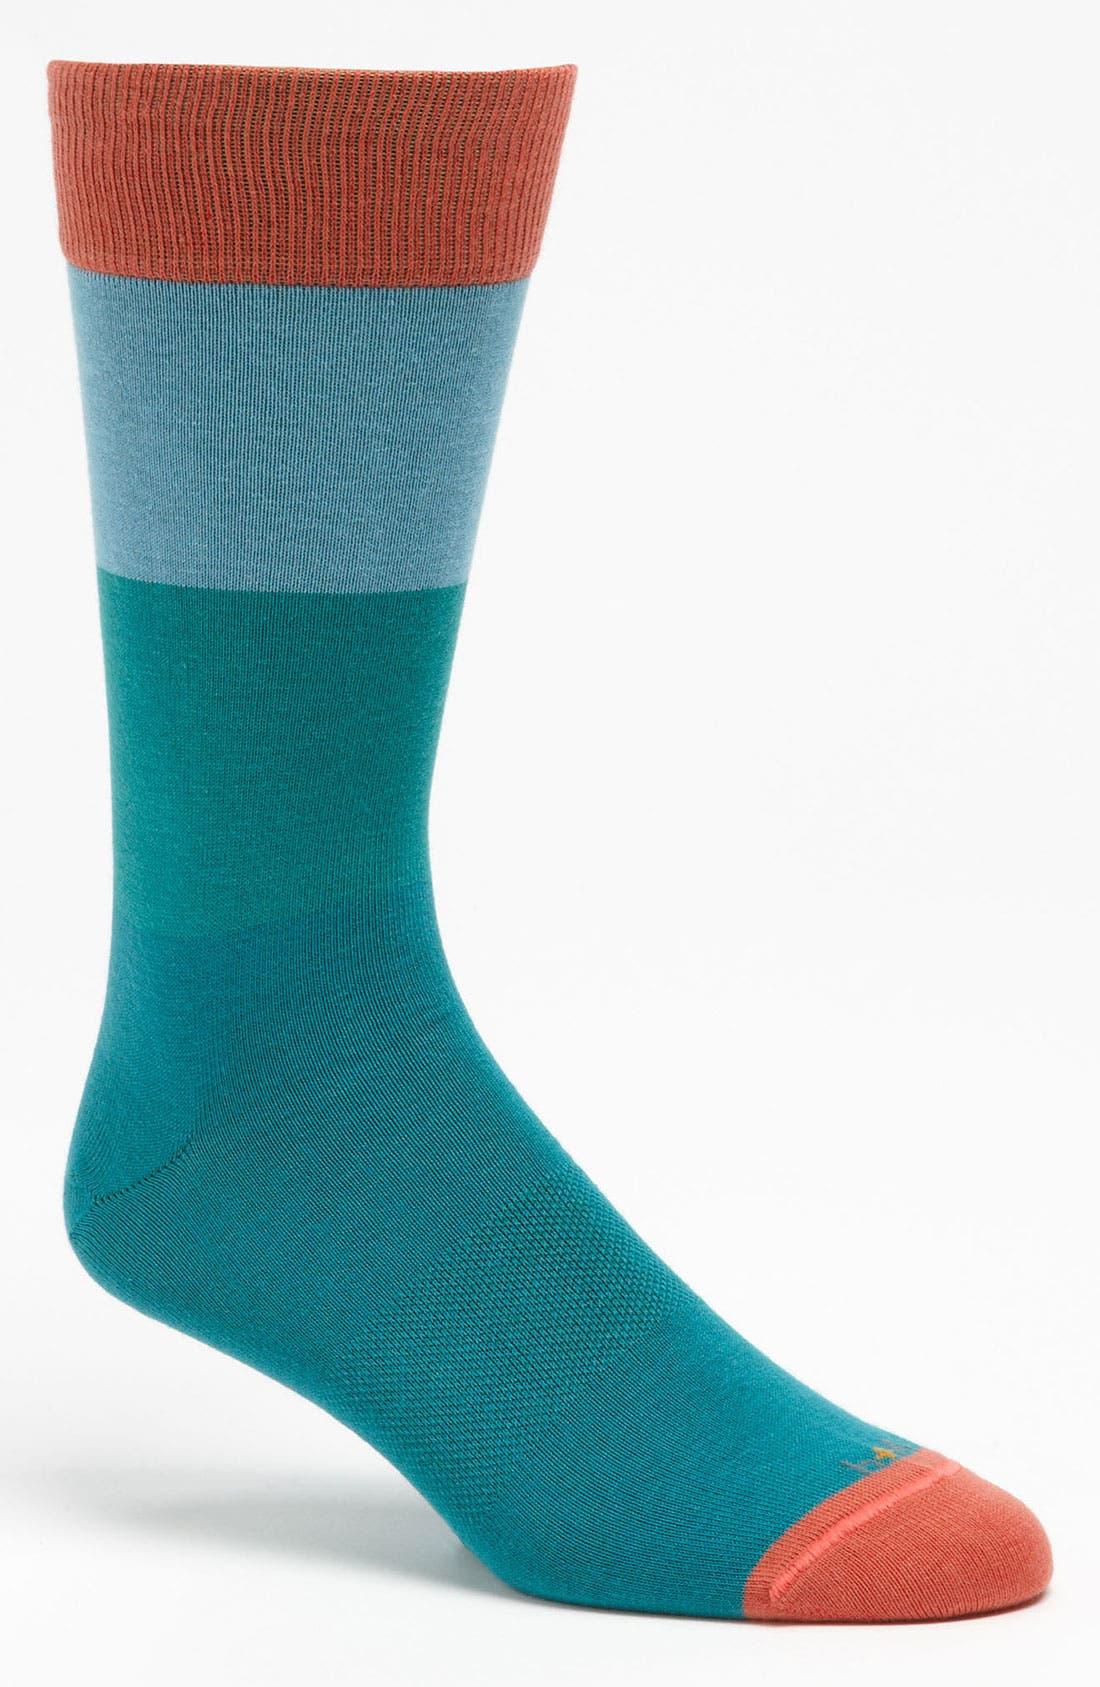 Alternate Image 1 Selected - hook + ALBERT Tiered Stripe Socks